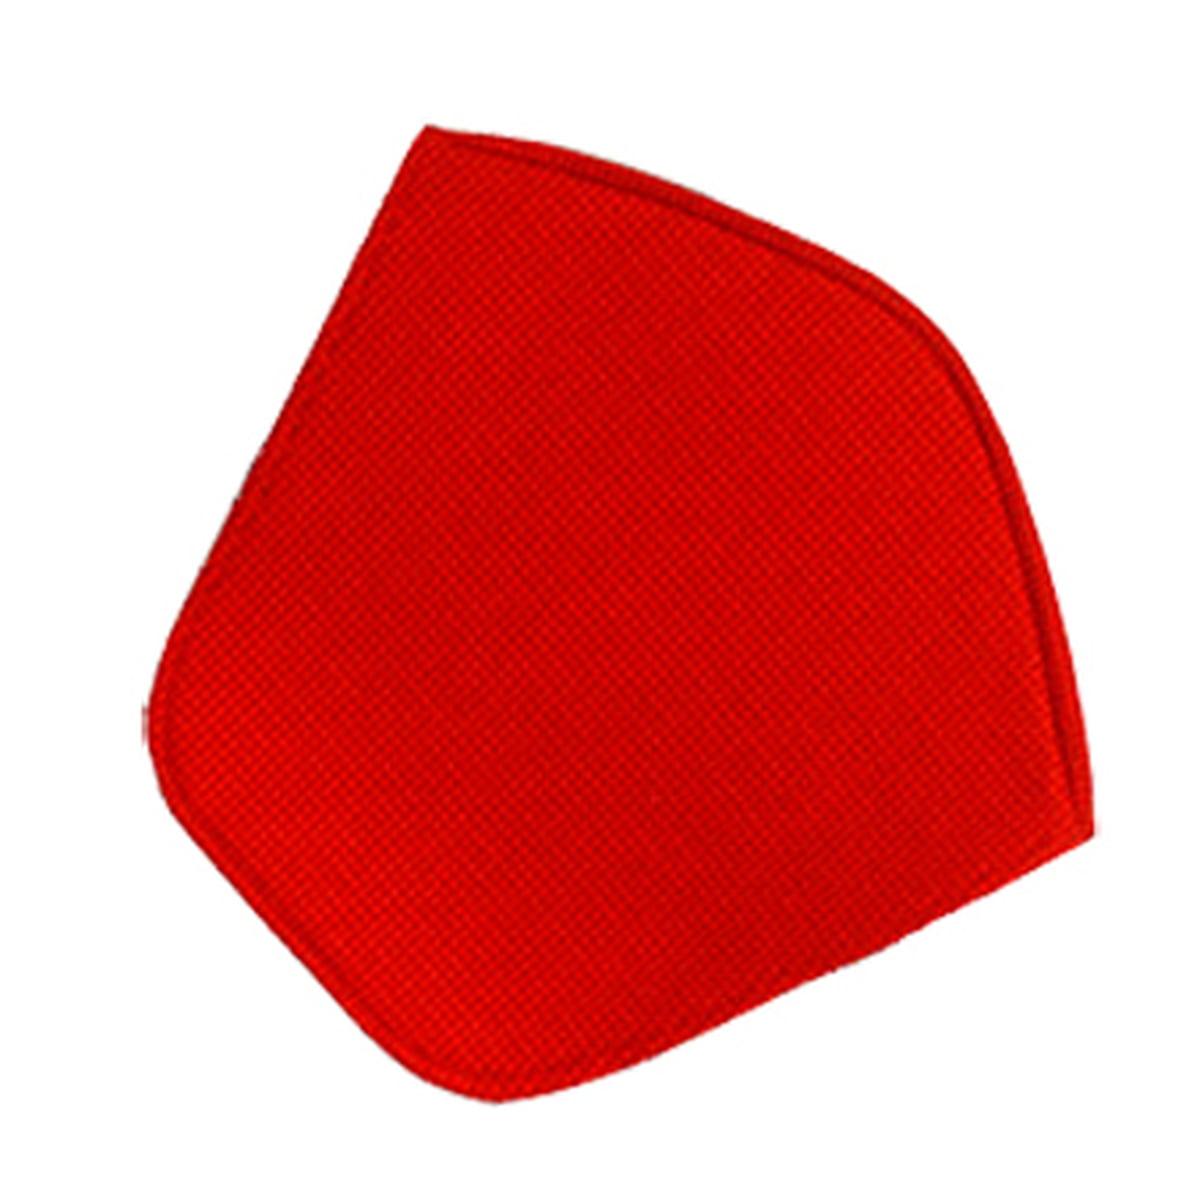 Knoll Coussin d'assise pour fauteuil Bertoia Diamond Tonus, rouge